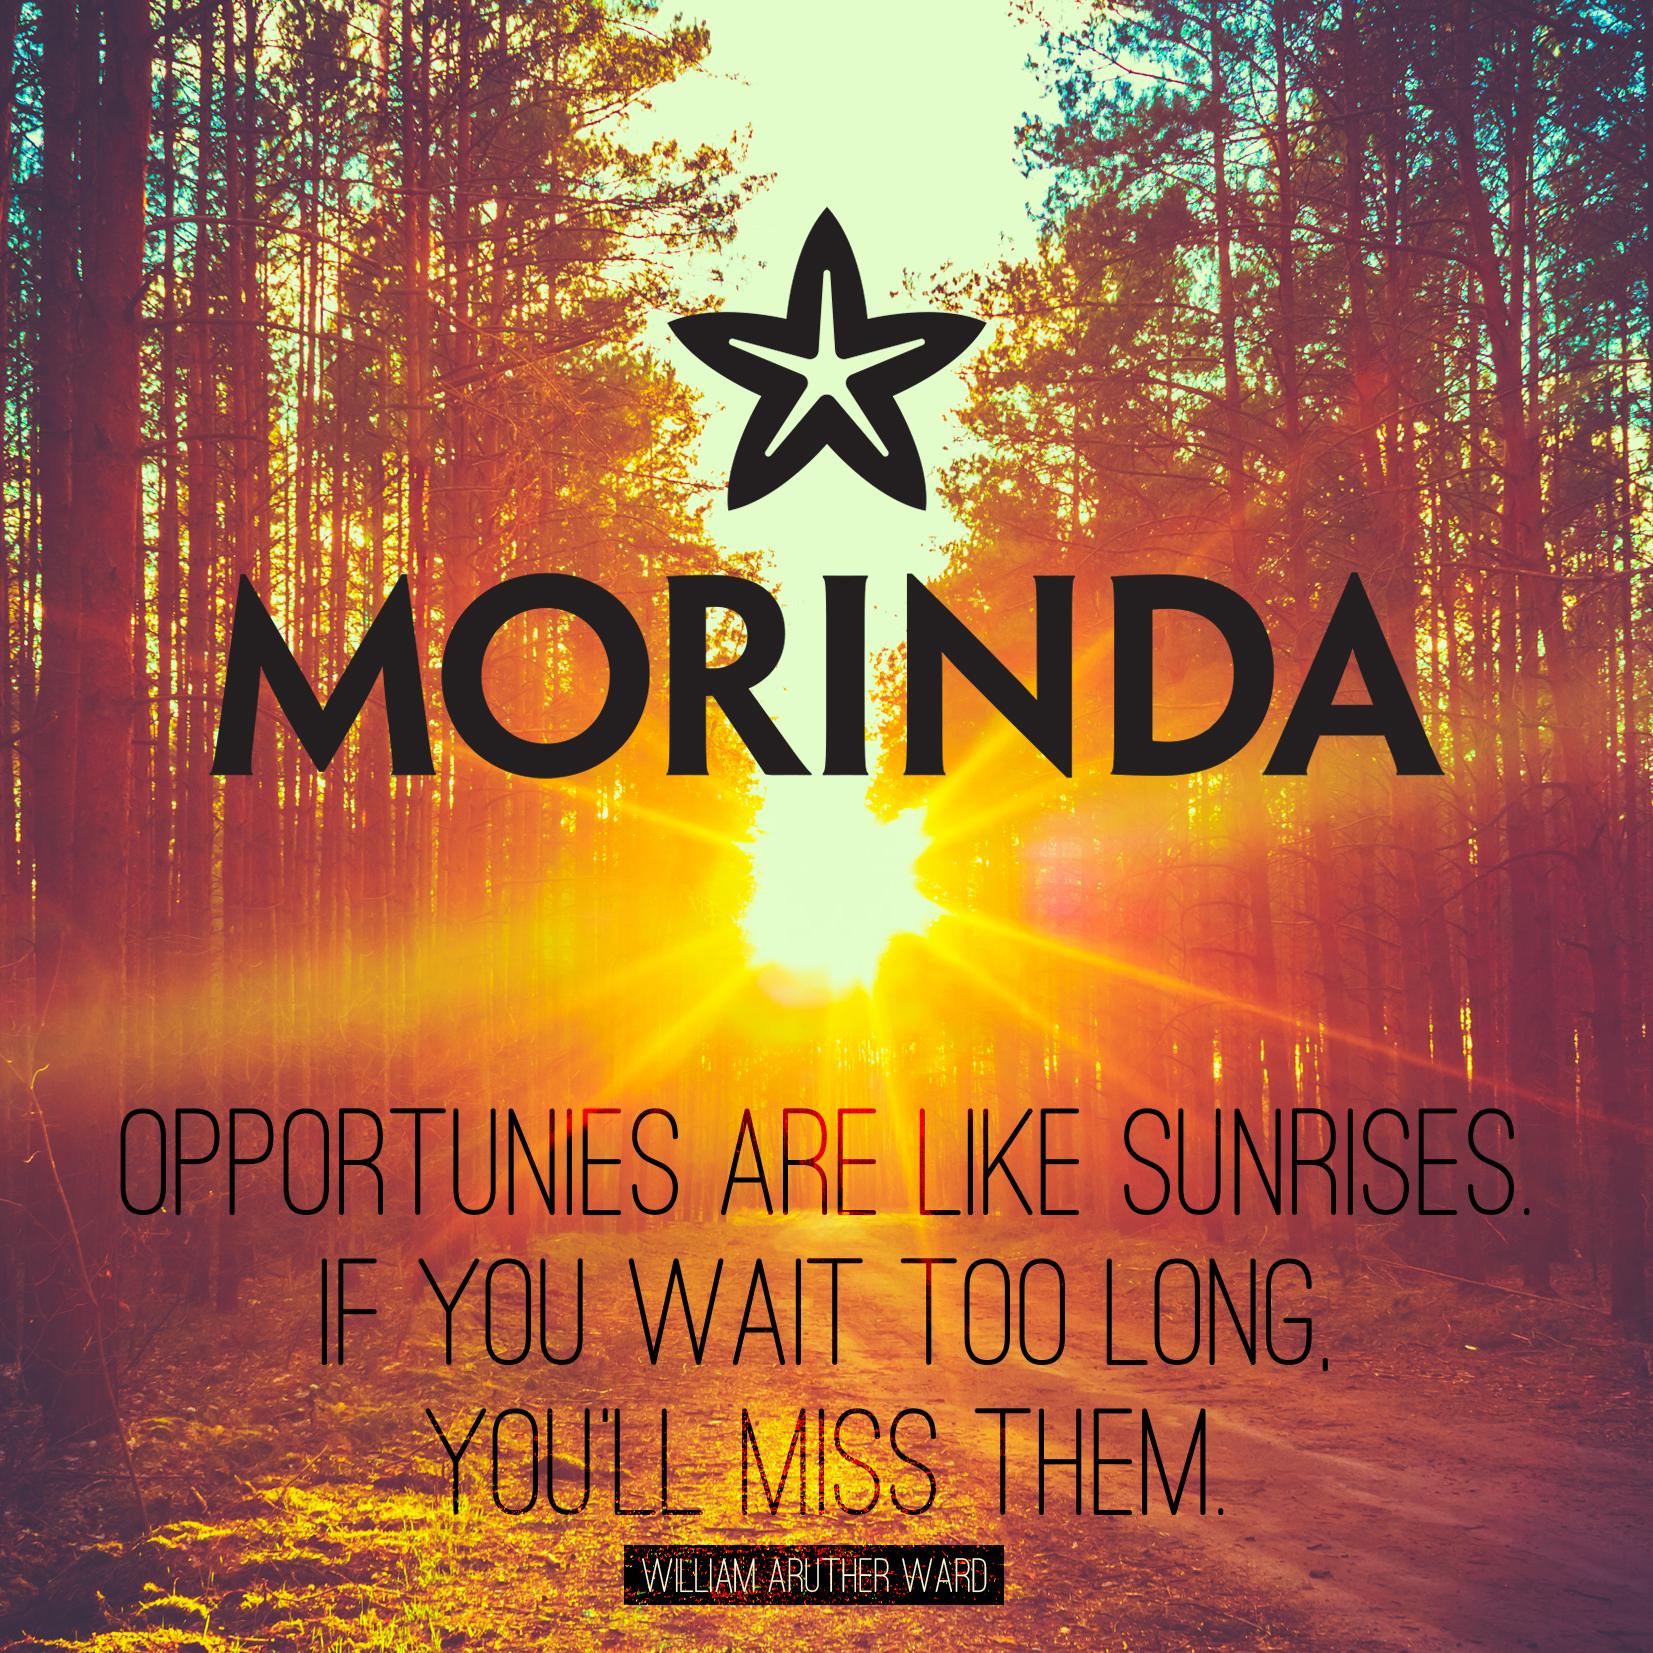 Opportunities_are_like_sunrises.jpg